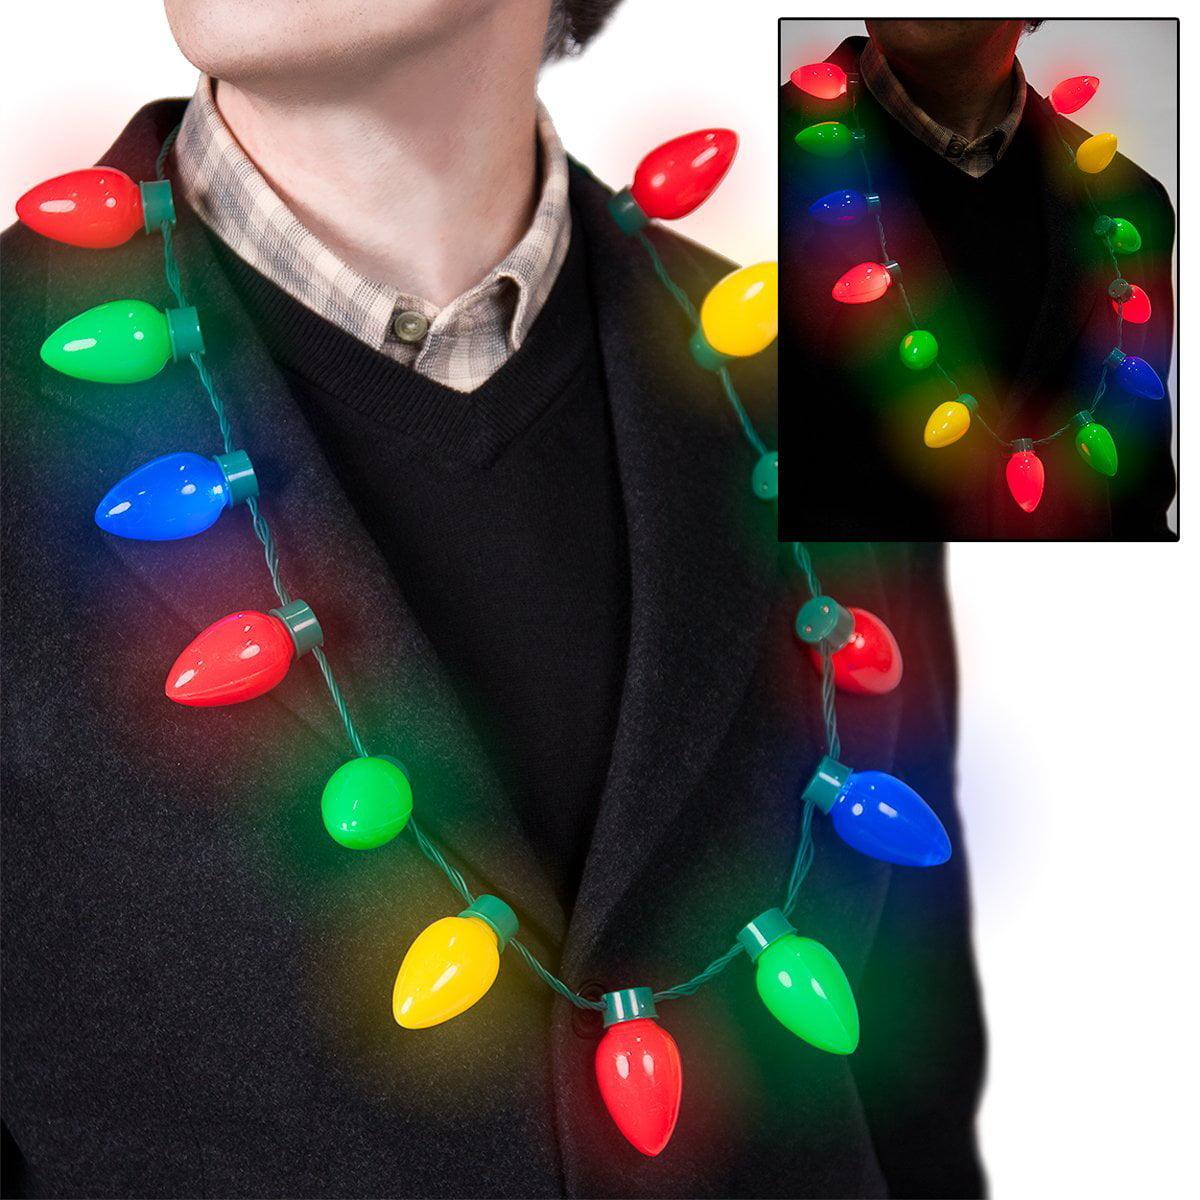 retro light up christmas bulb necklace flashing led lights christmas gift retro light up christmas bulb necklace flashing led lights by forum novelties